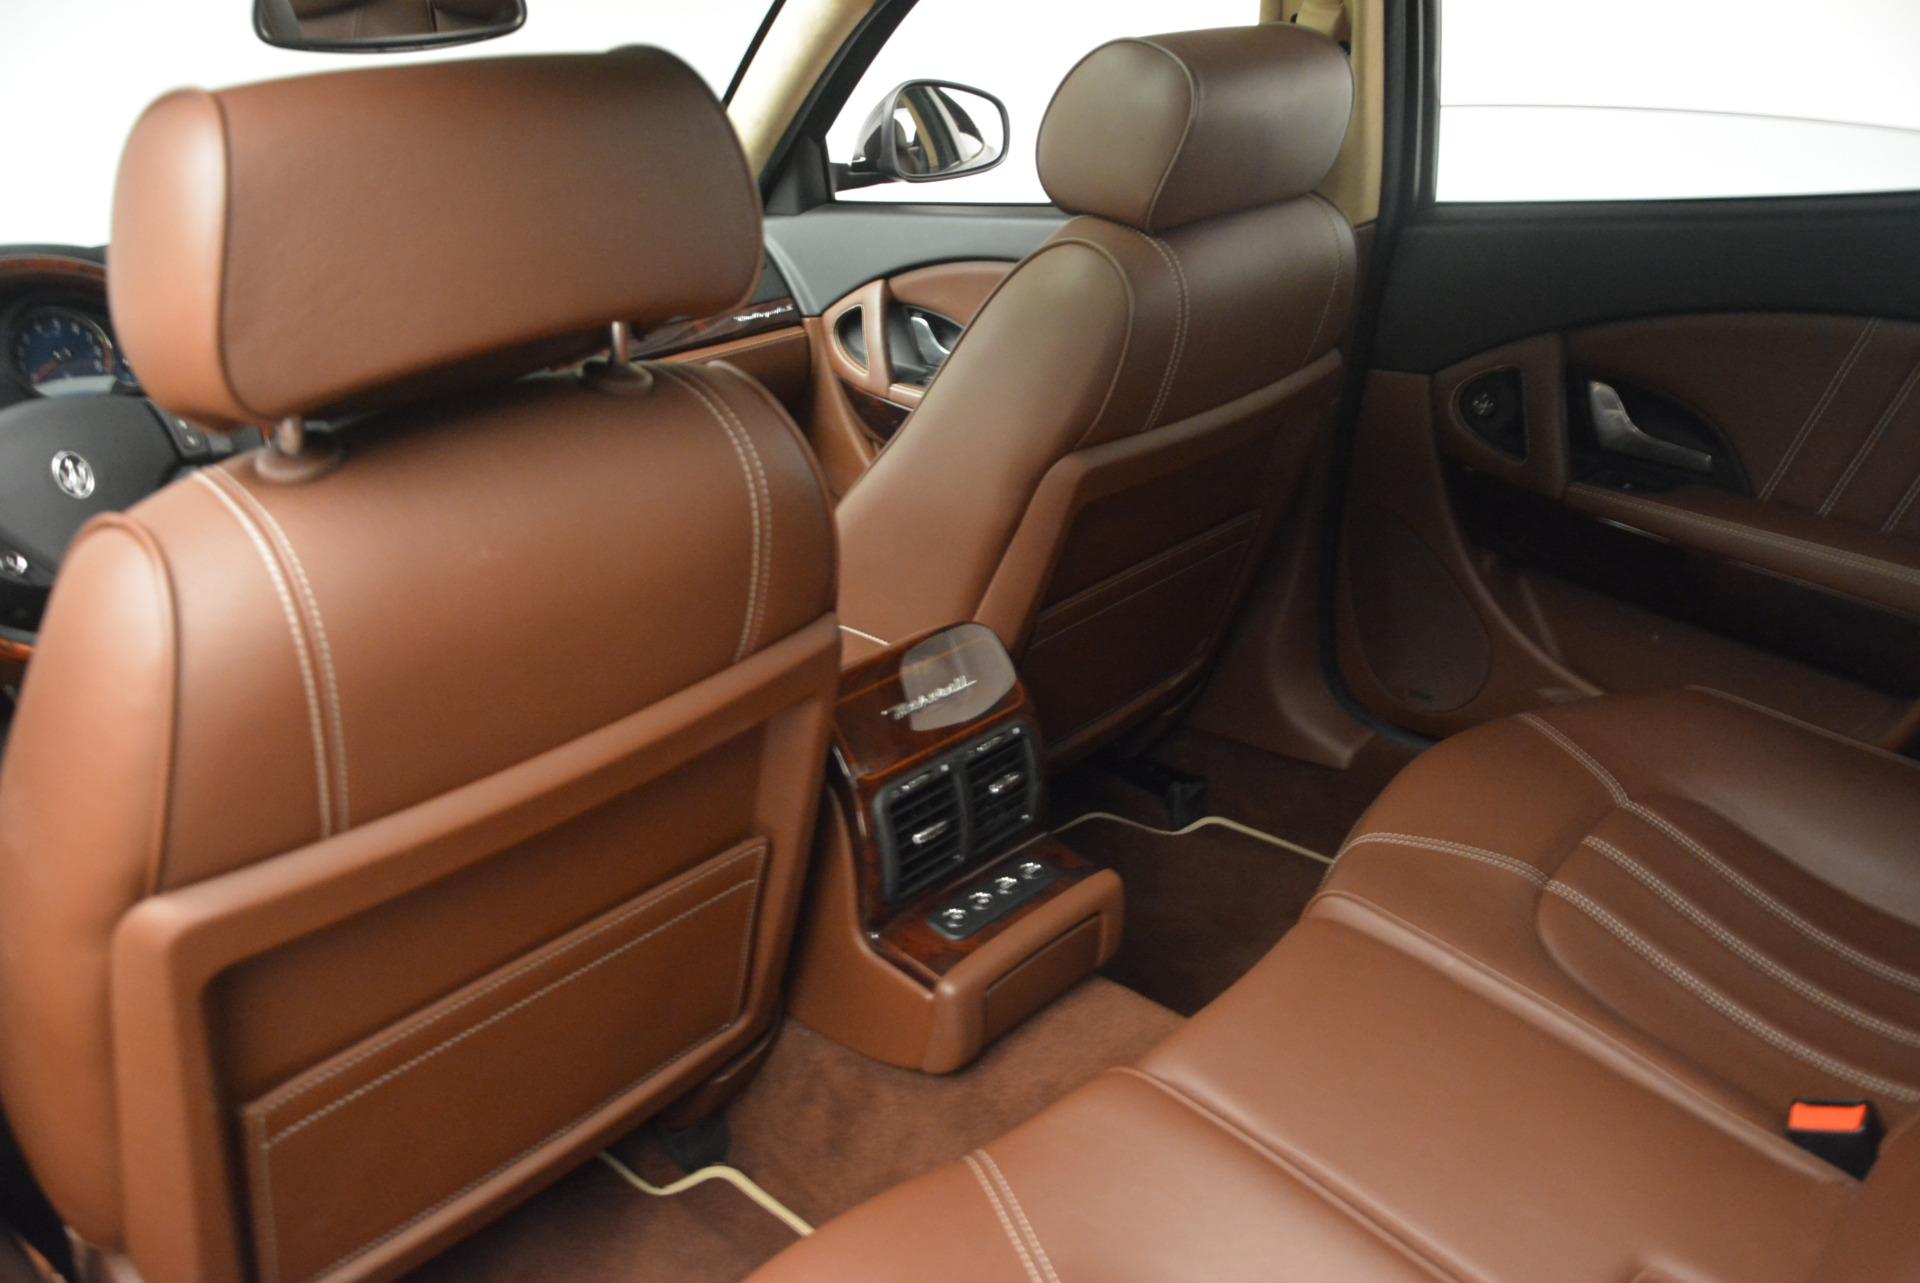 Used 2013 Maserati Quattroporte S For Sale In Greenwich, CT 1012_p19